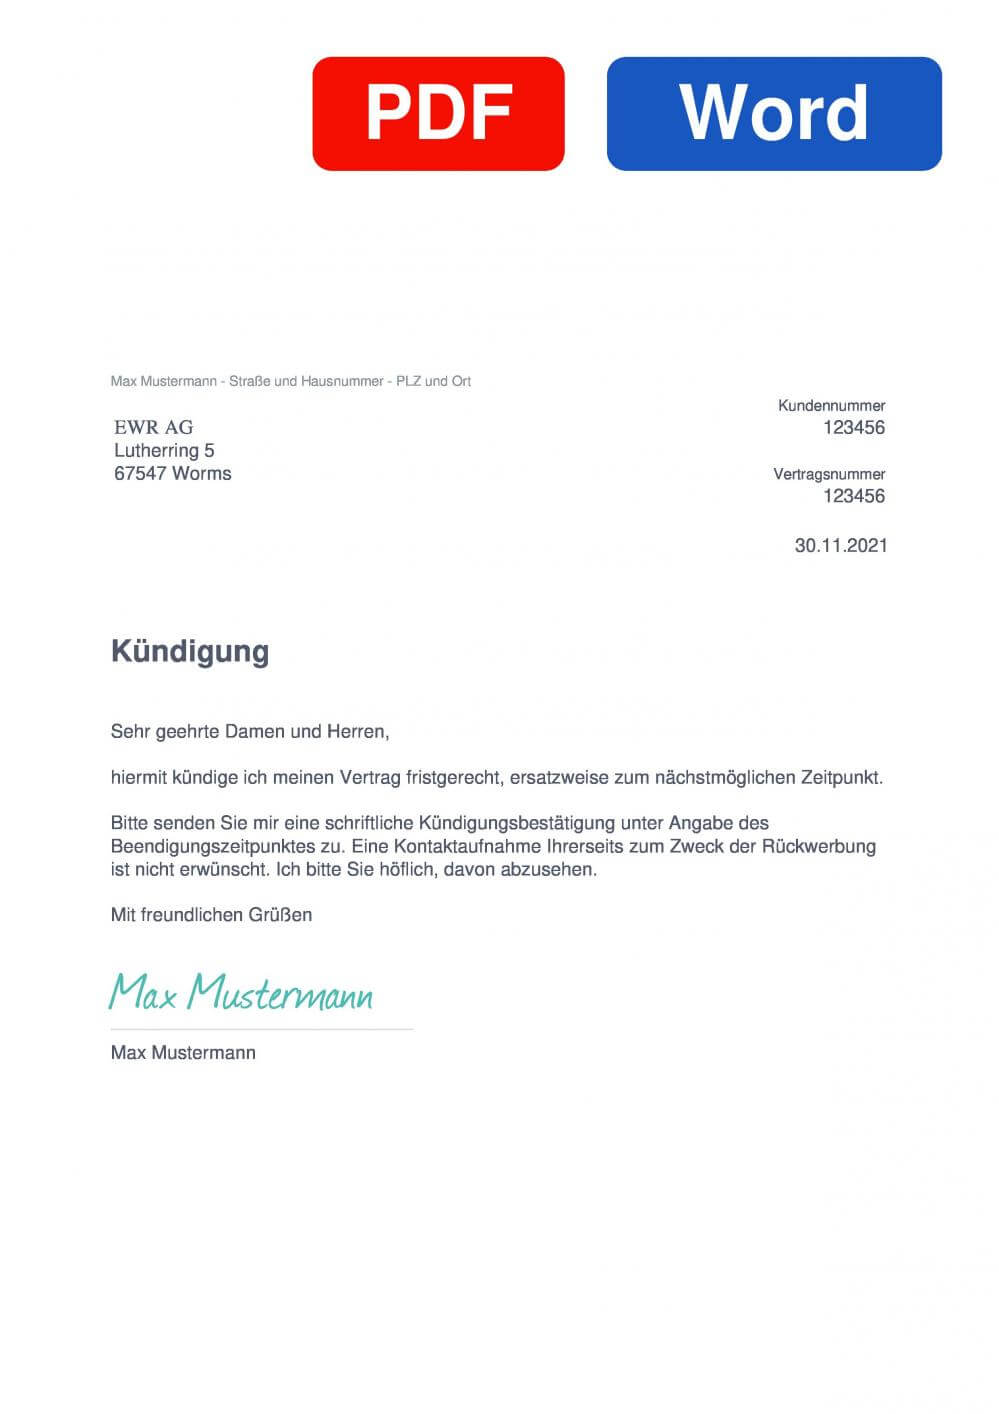 EWR Muster Vorlage für Kündigungsschreiben